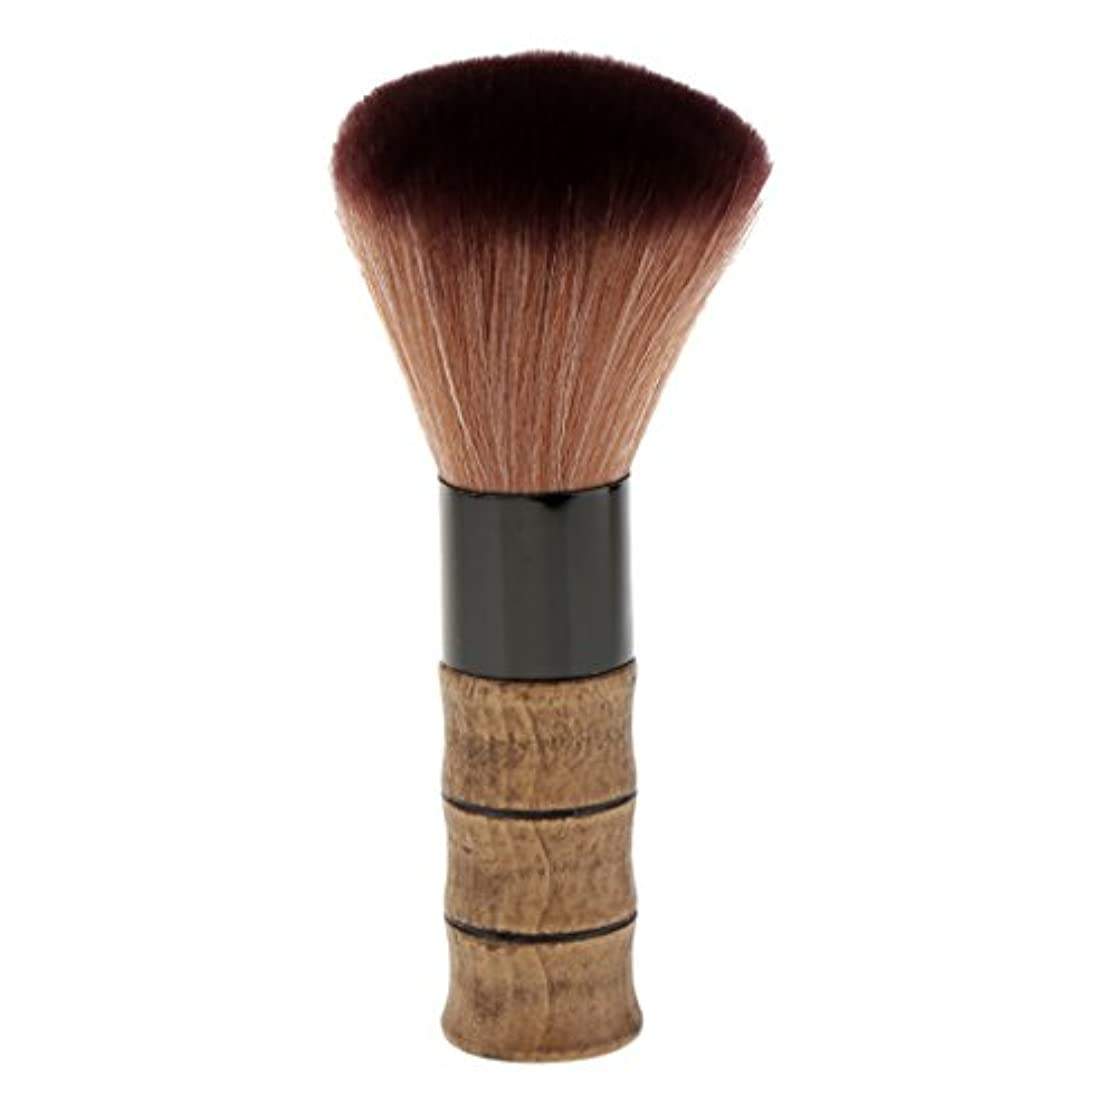 粘性のノベルティ代数的シェービングブラシ メイクブラシ ソフトファイバー 竹ハンドル シェービング ブラシ スキンケア 2色選べる - 褐色